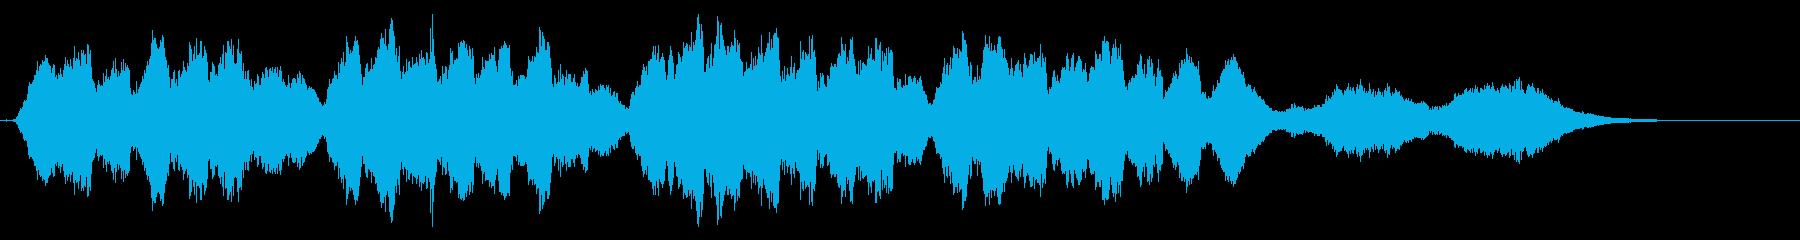 賛美歌/よろずのくにびと/弦楽四重奏の再生済みの波形